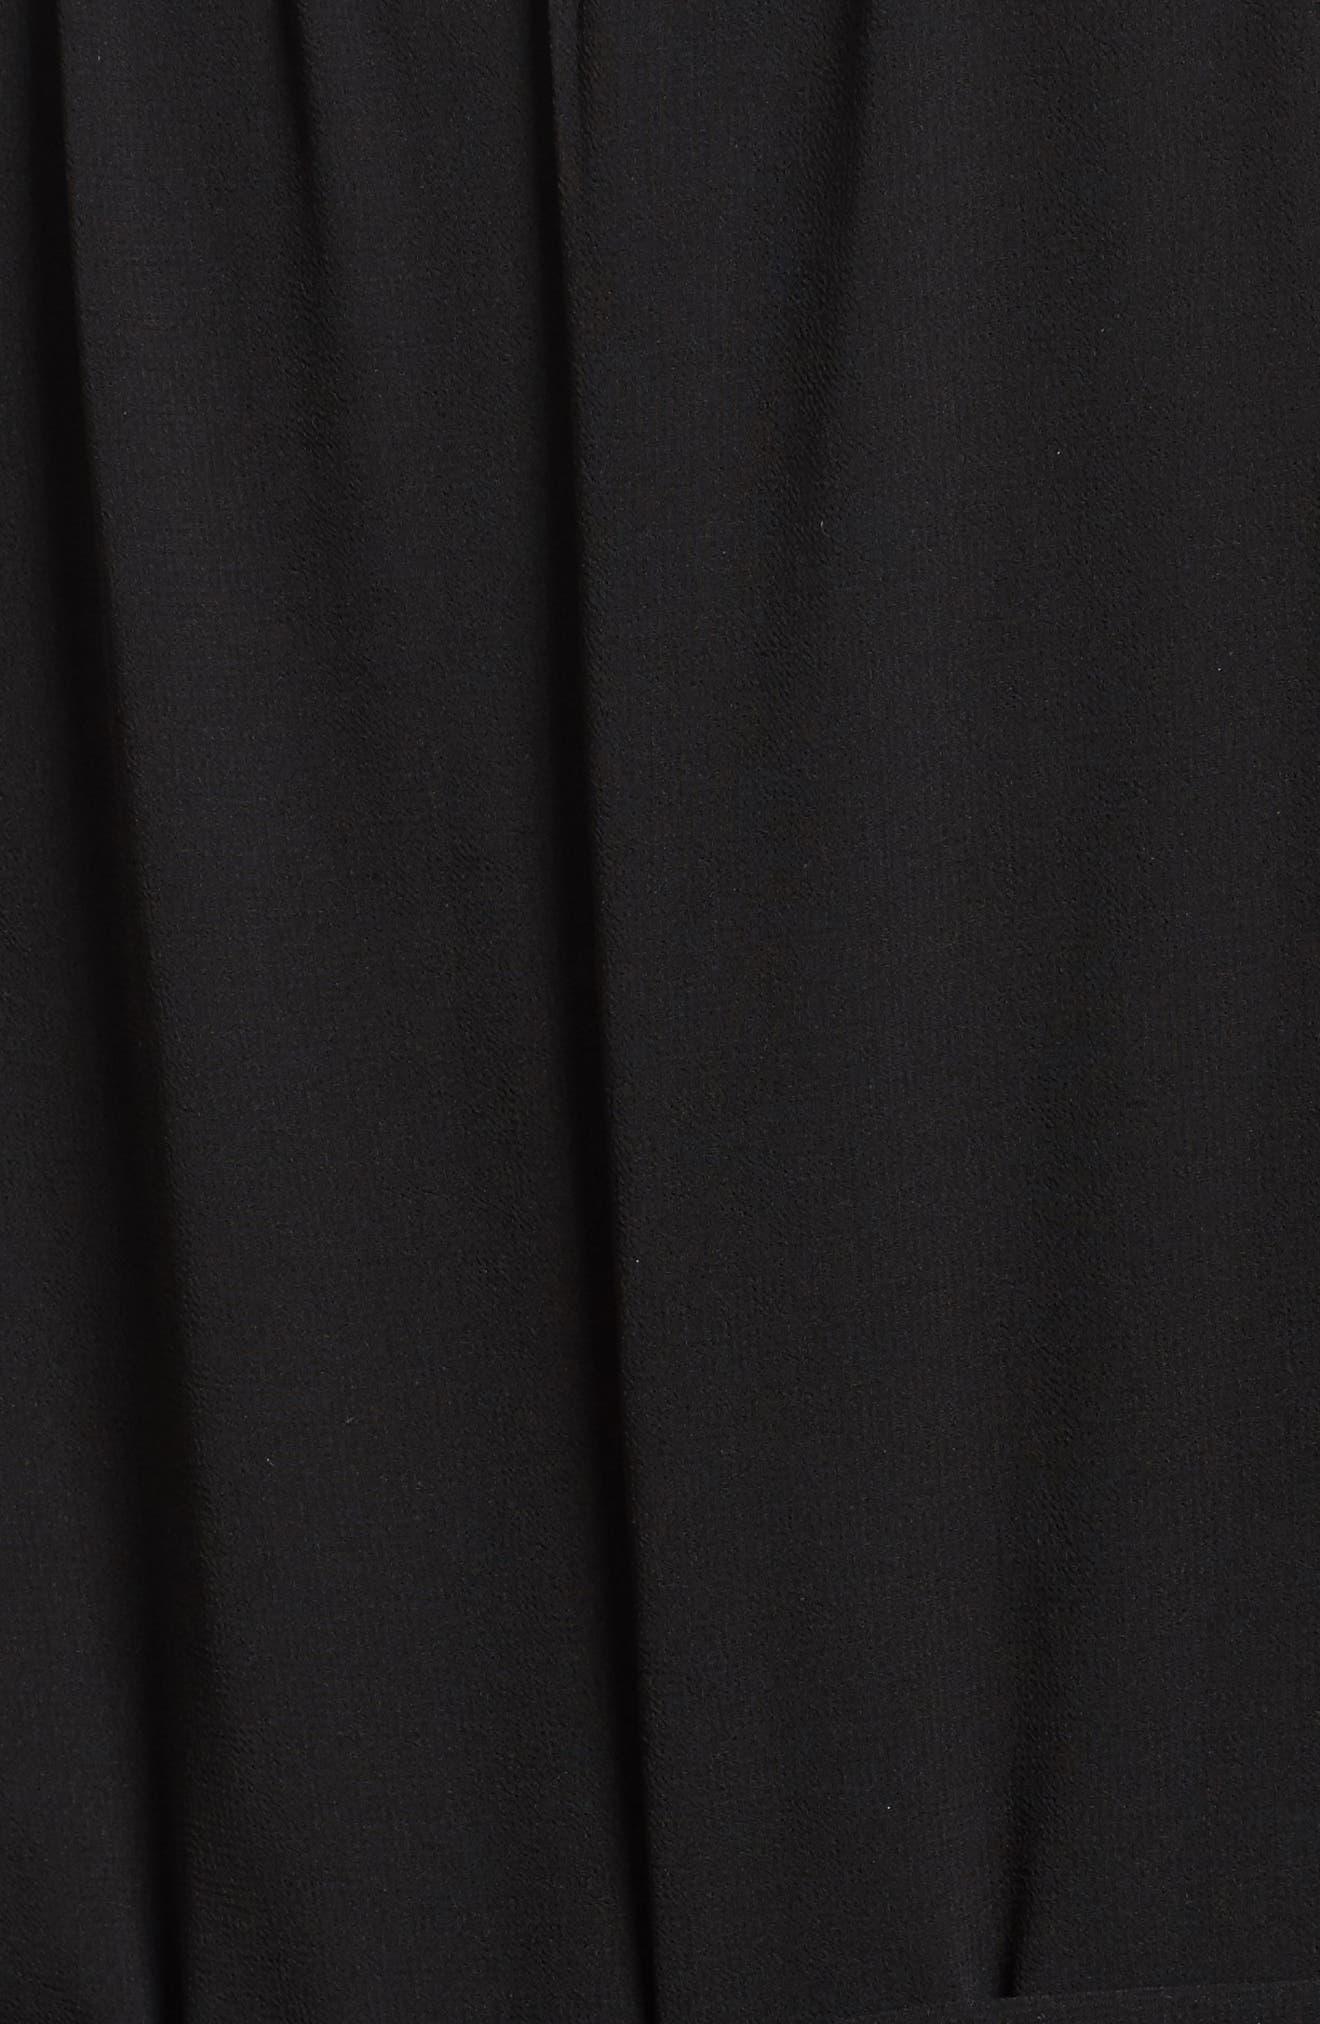 Maxi Dress,                             Alternate thumbnail 5, color,                             Black